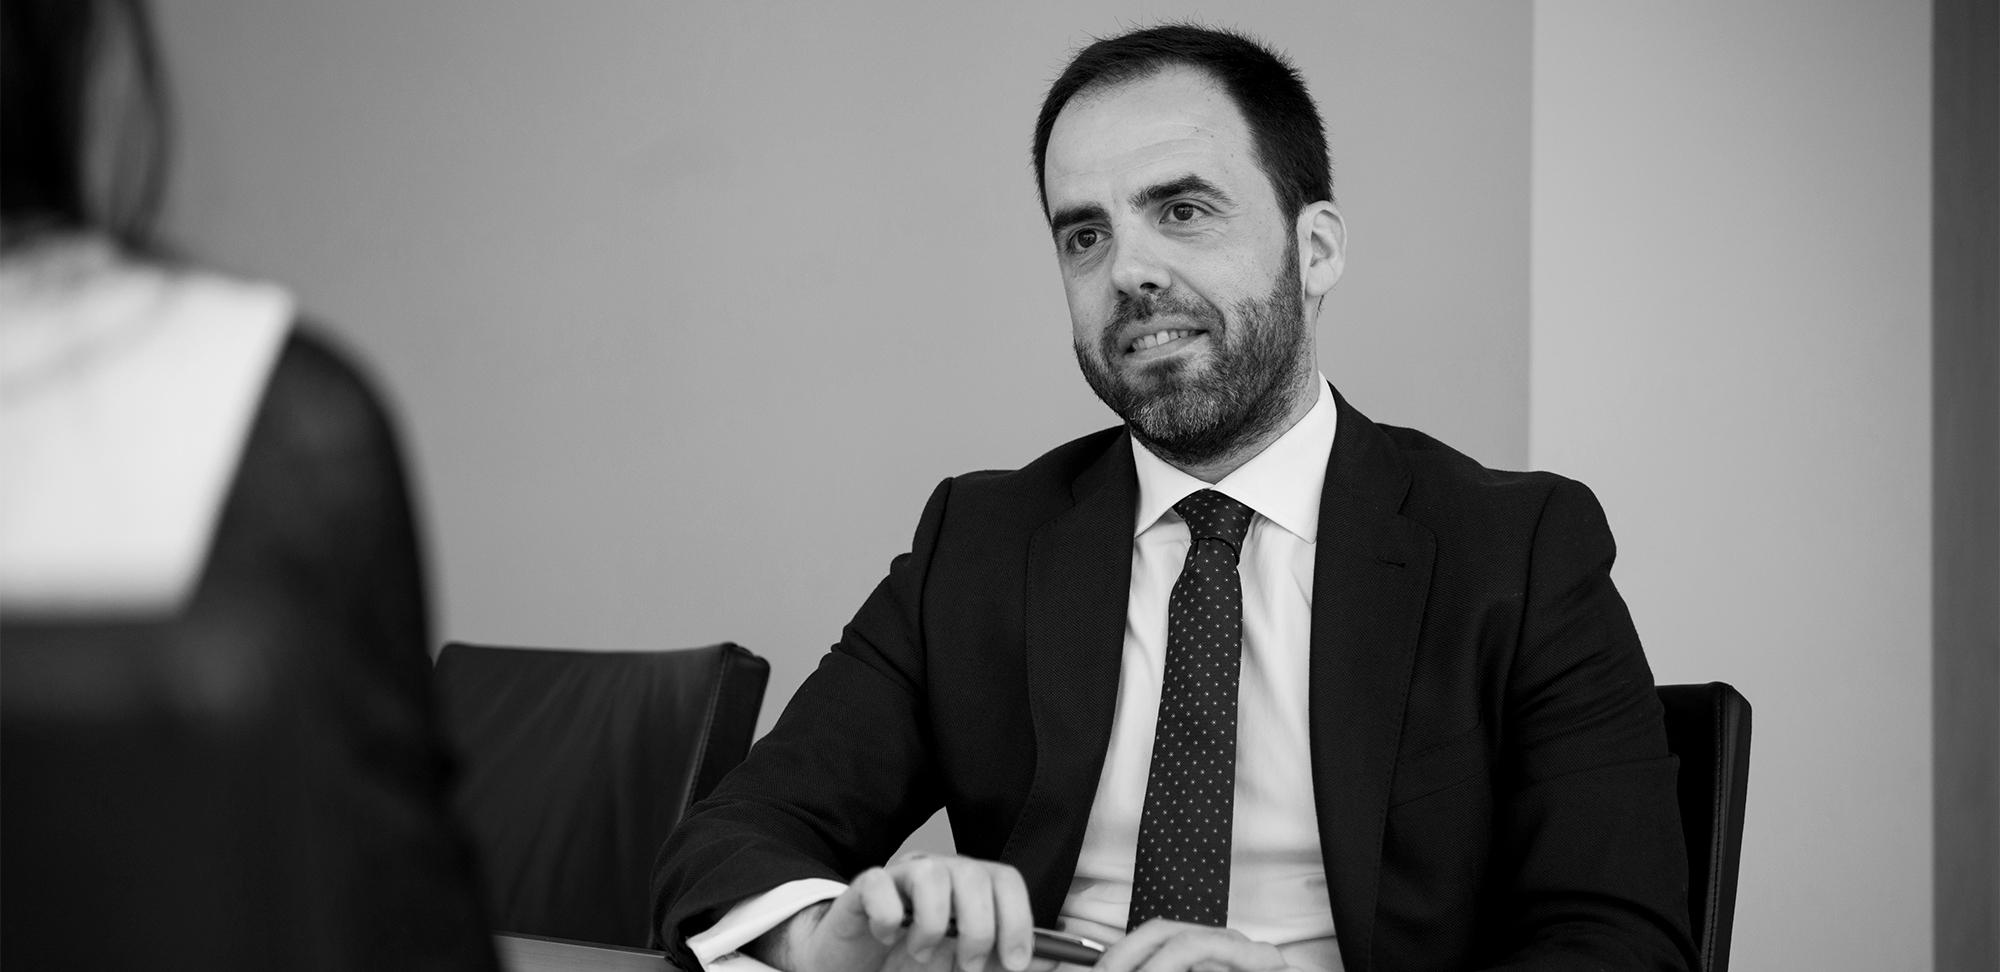 Javier Muñoz Méndez